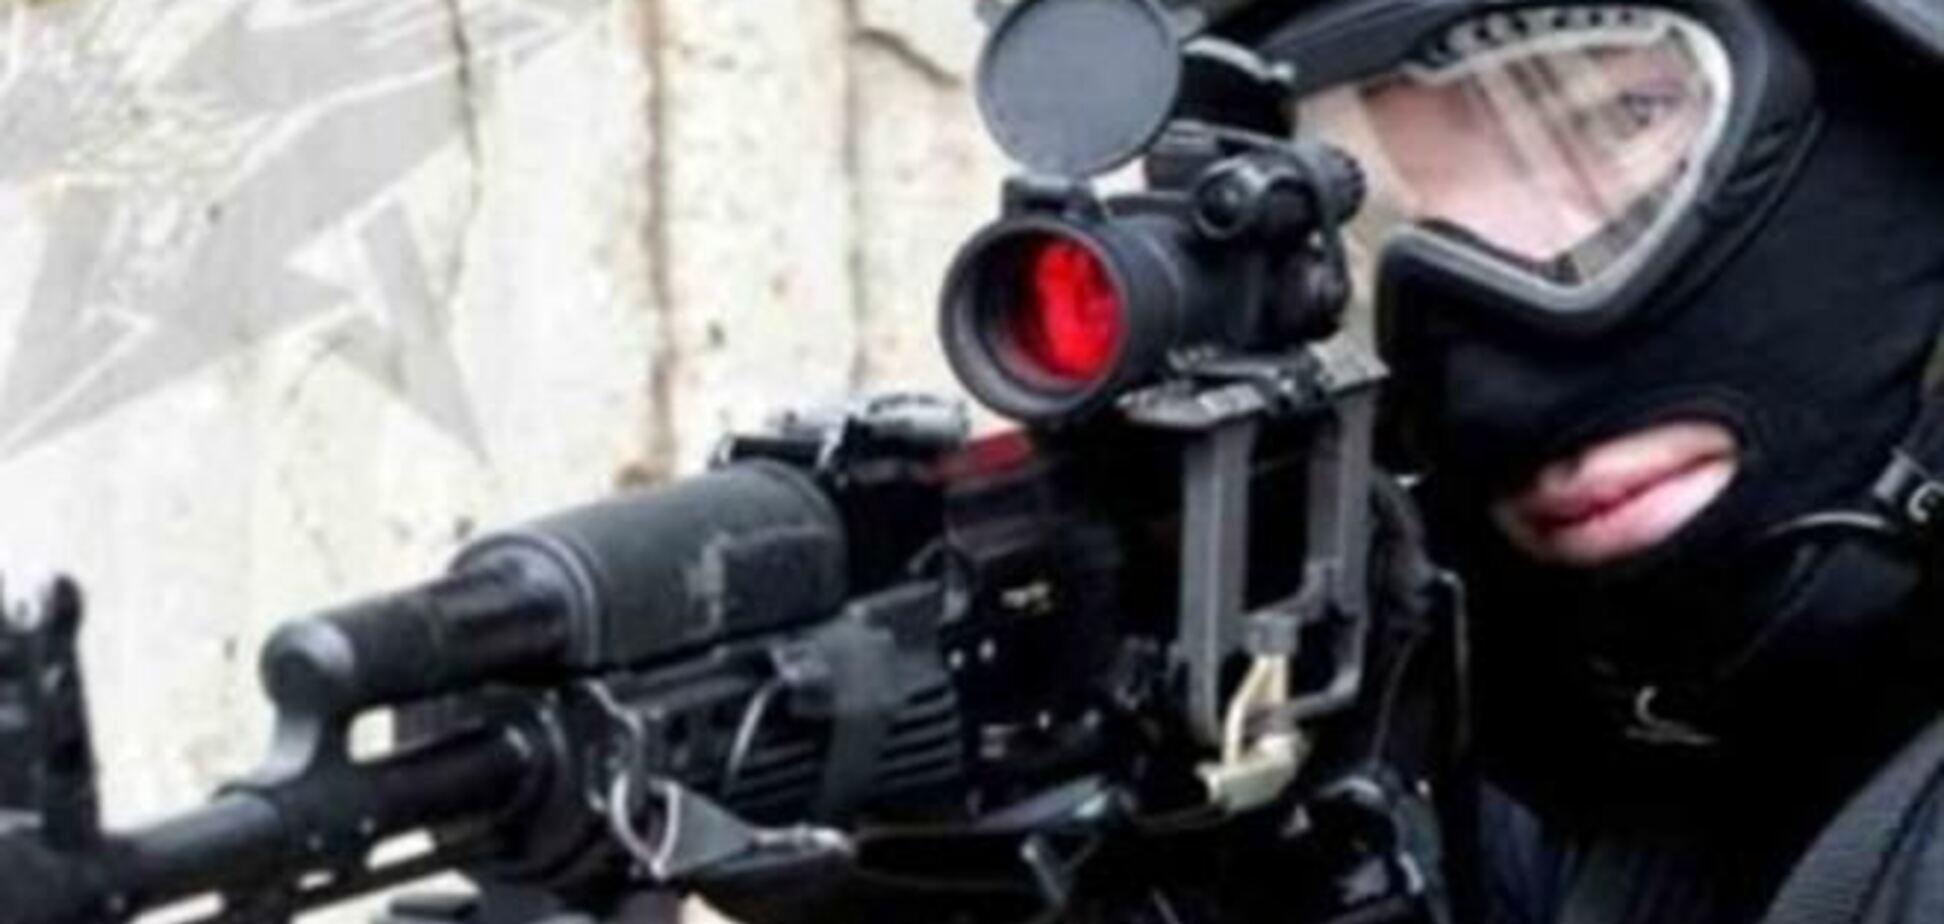 На Донетчине украинский спецназовец по ошибке застрелил своего сослуживца